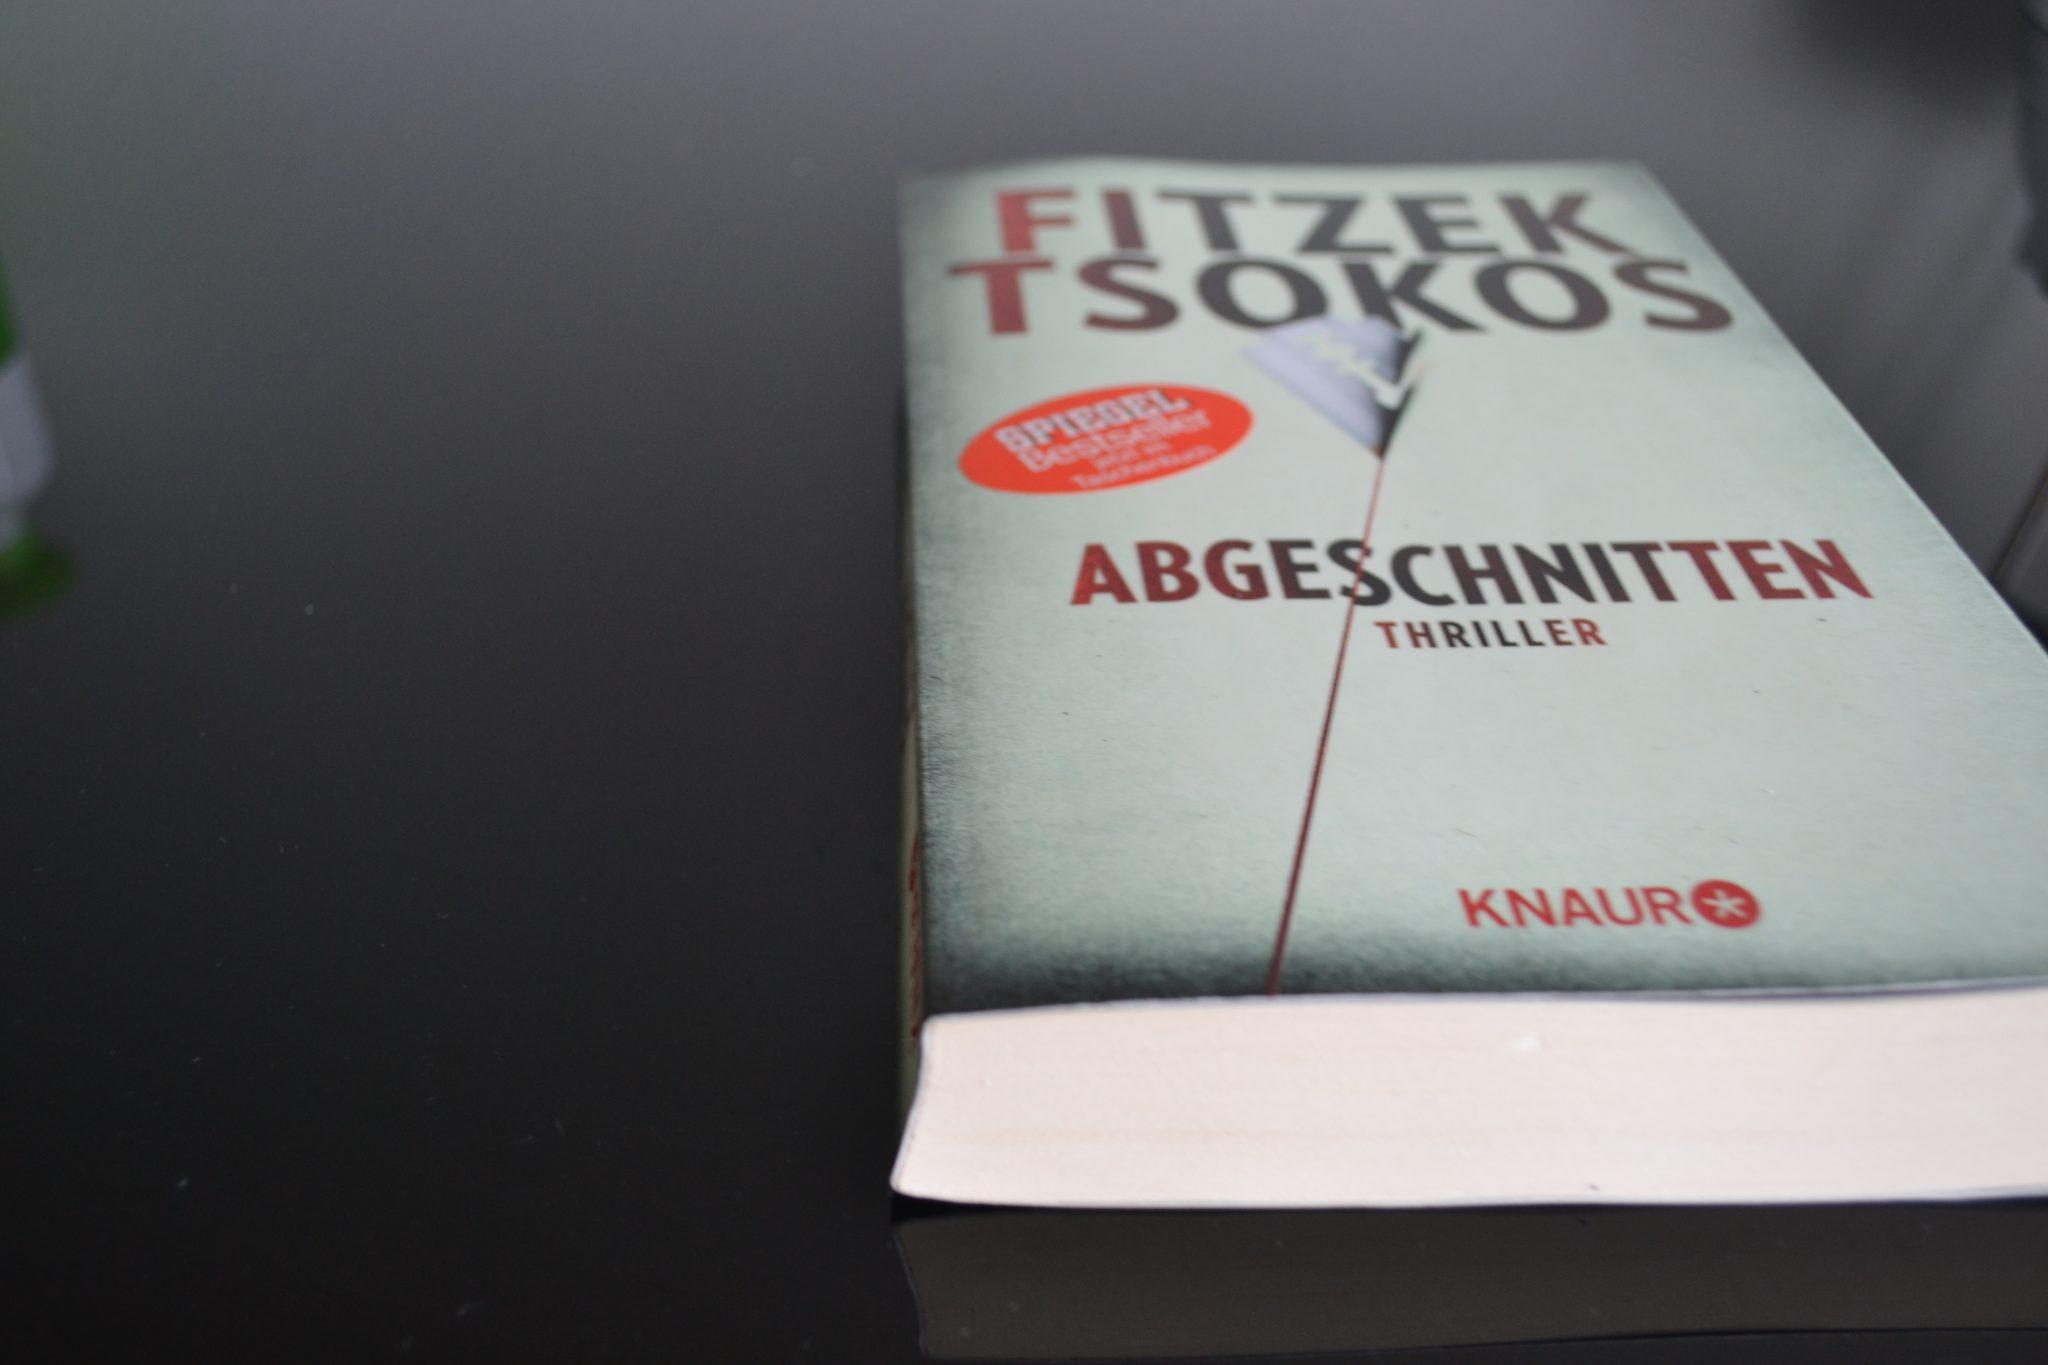 Books: Abgeschnitten | Fitzek & Tsokos